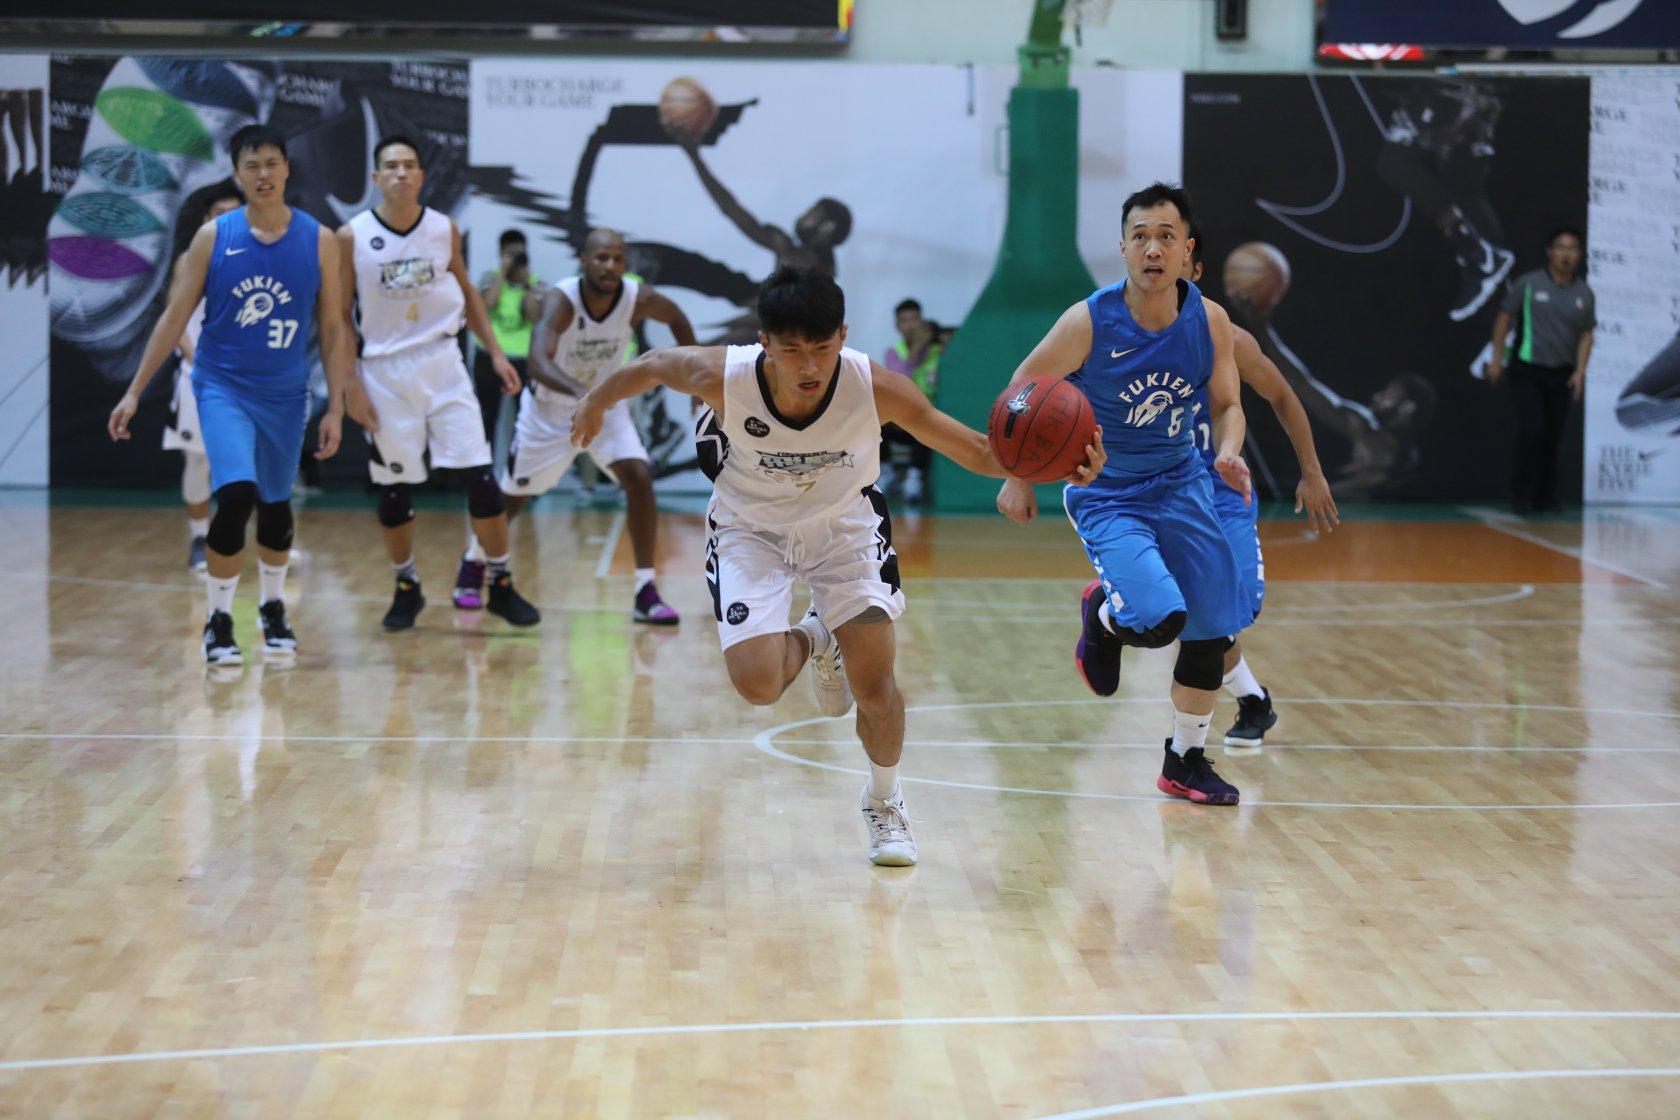 重整旗鼓-專心備戰-019-Eagle-Basketball-崇德飛鷹